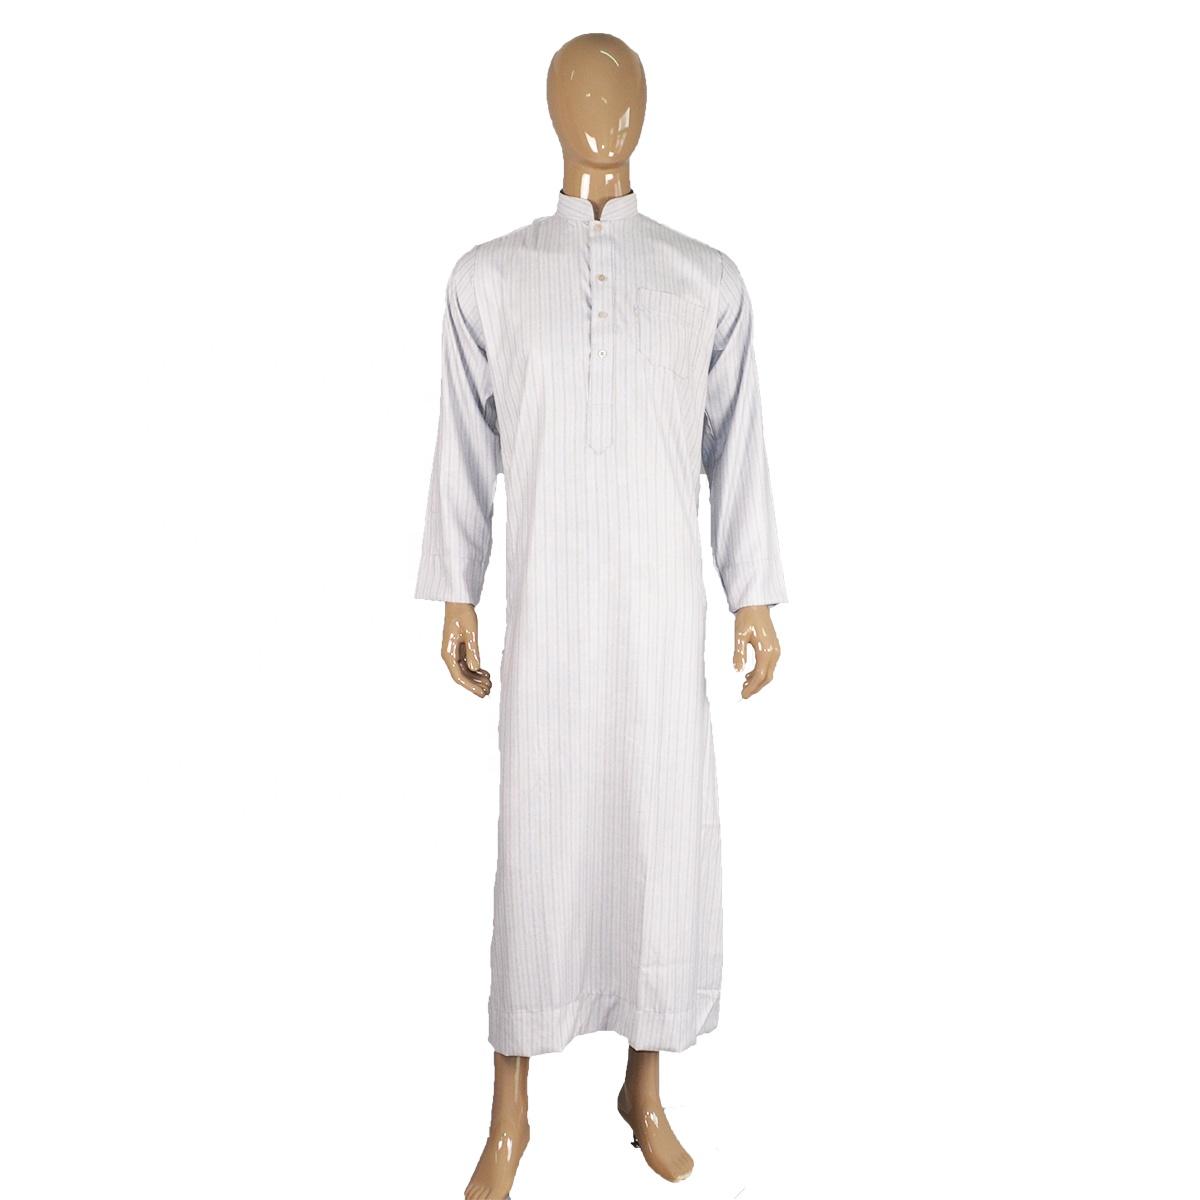 Islamic Men Wear Thobe, Muslim Long Kurta, Wholesale,jubba, Thawb